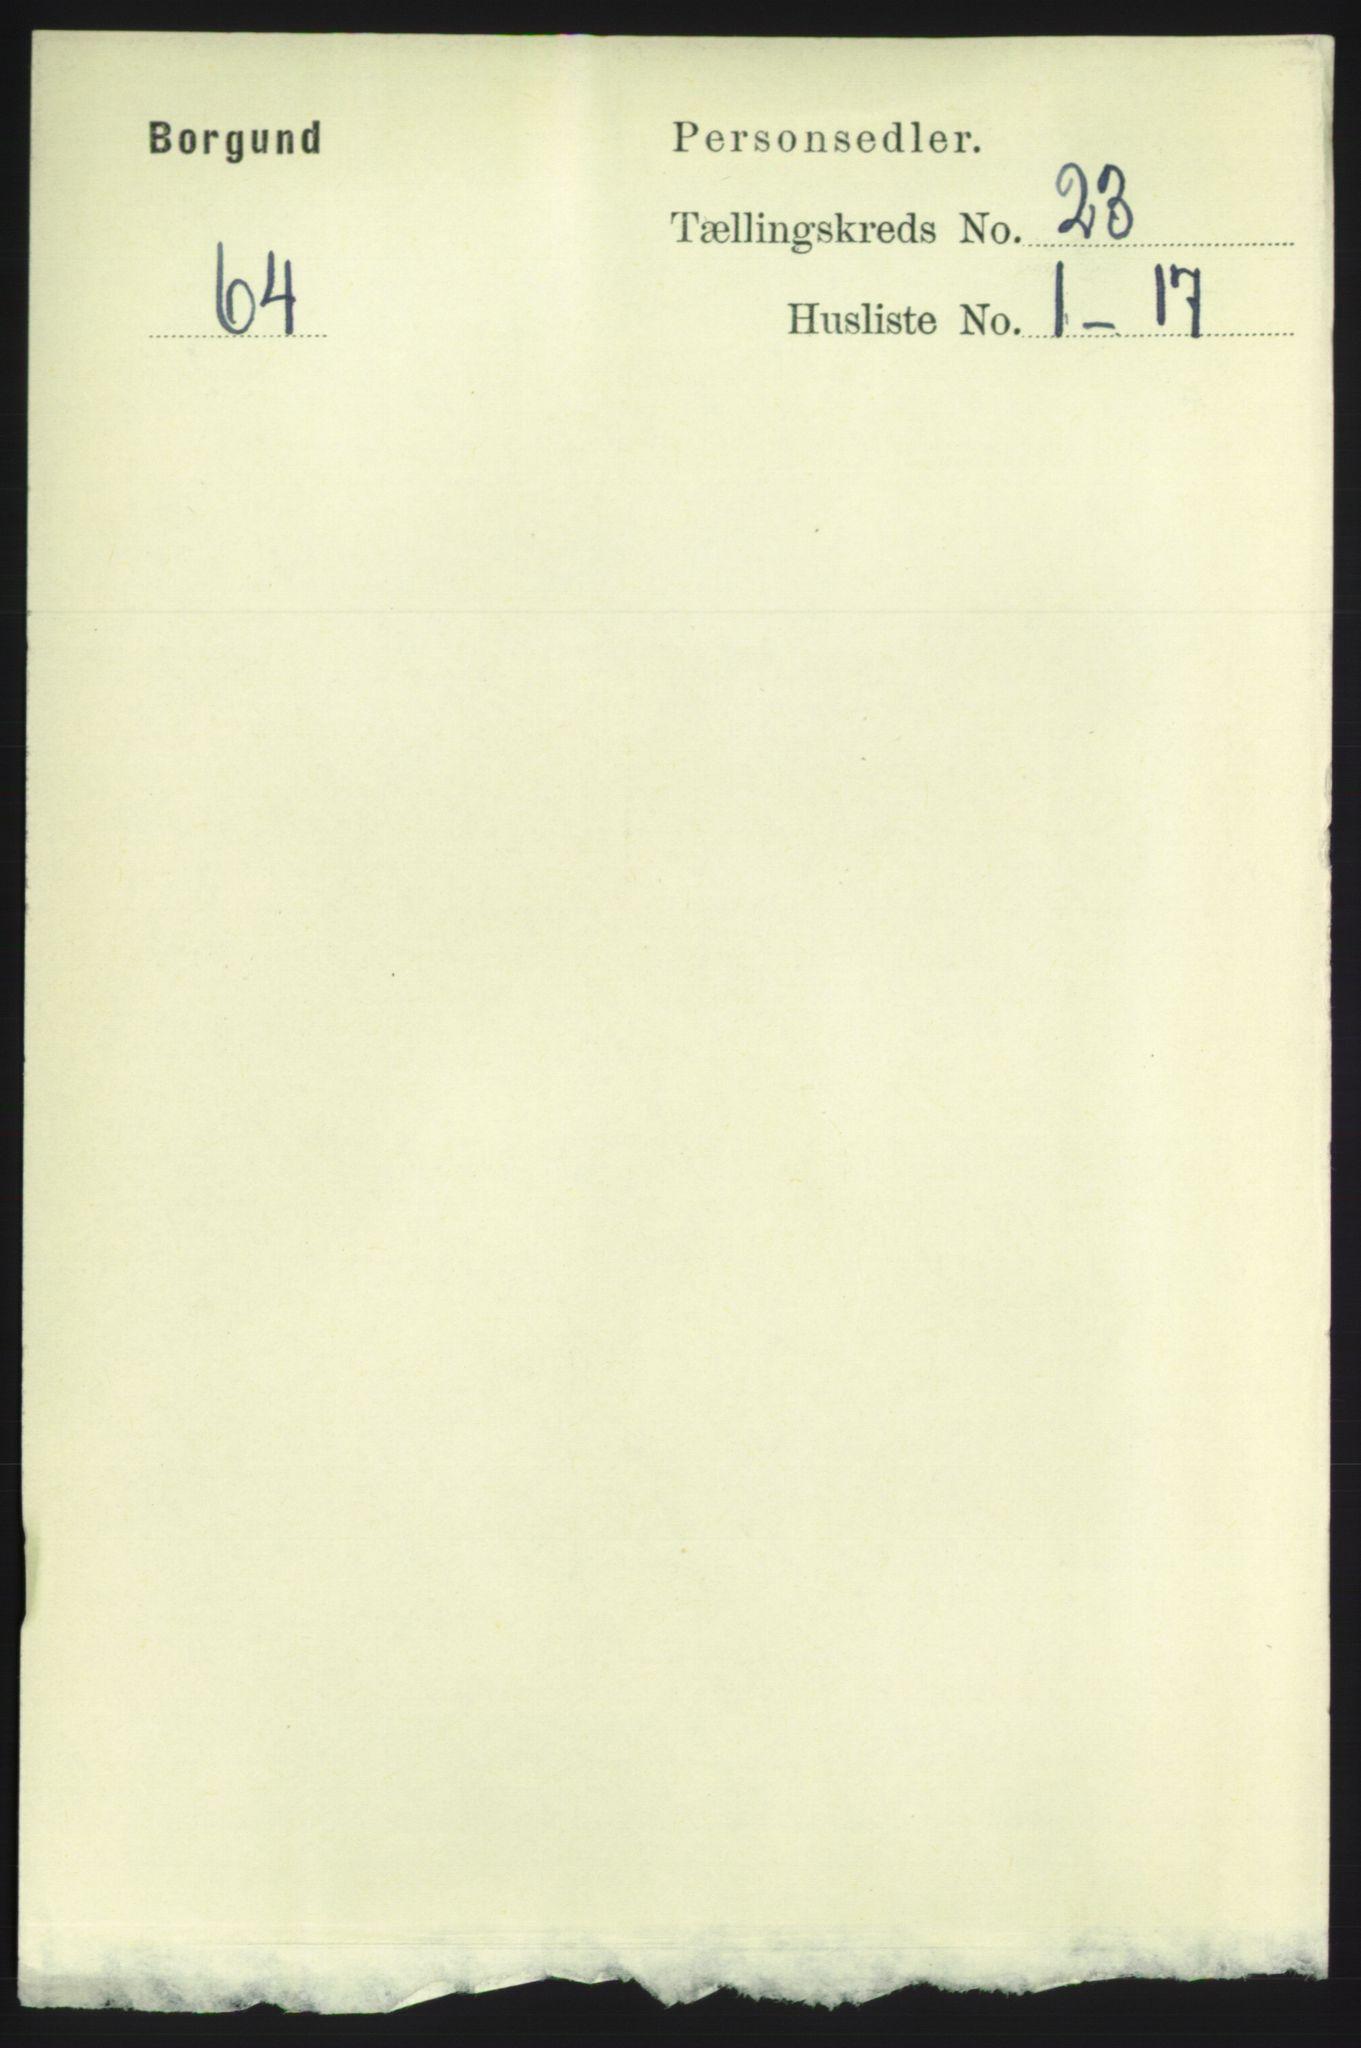 RA, Folketelling 1891 for 1531 Borgund herred, 1891, s. 6963